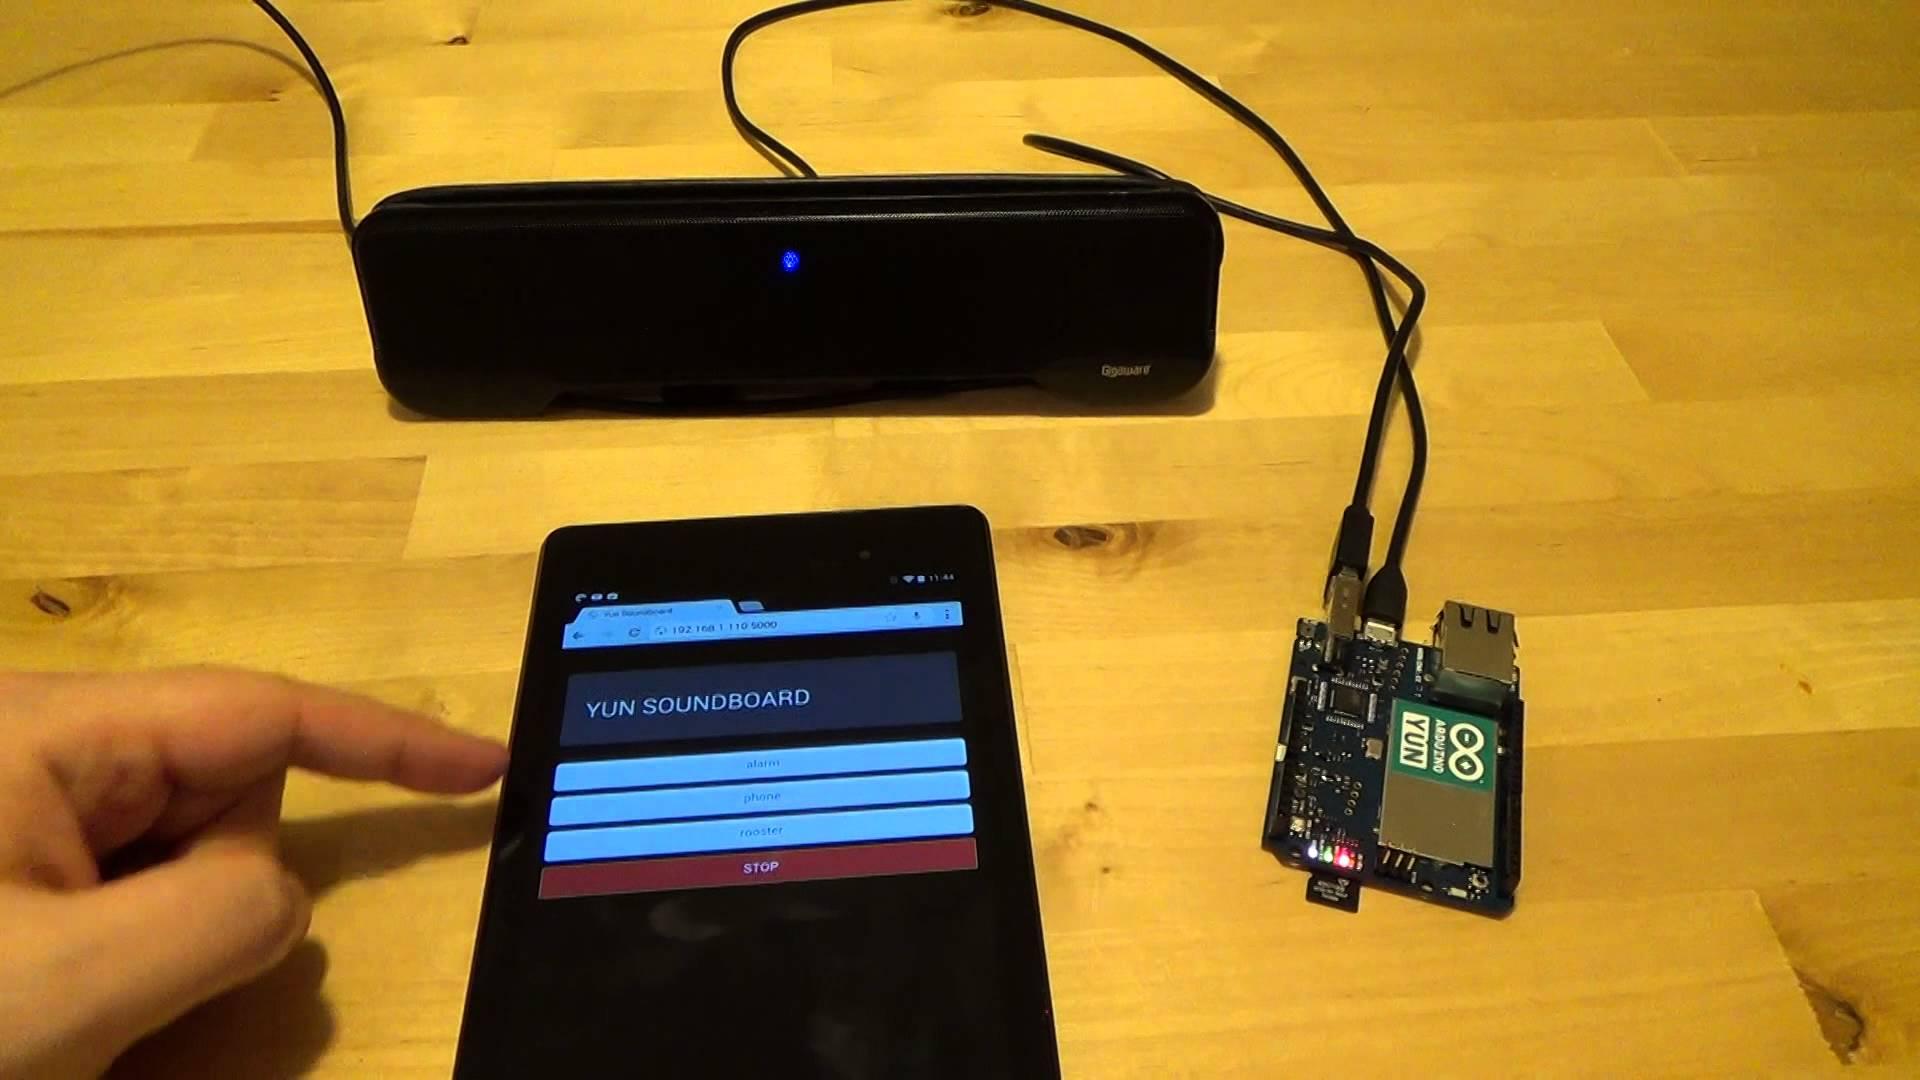 Arduino Yn, Proyectos, mecatrnica, electrnica